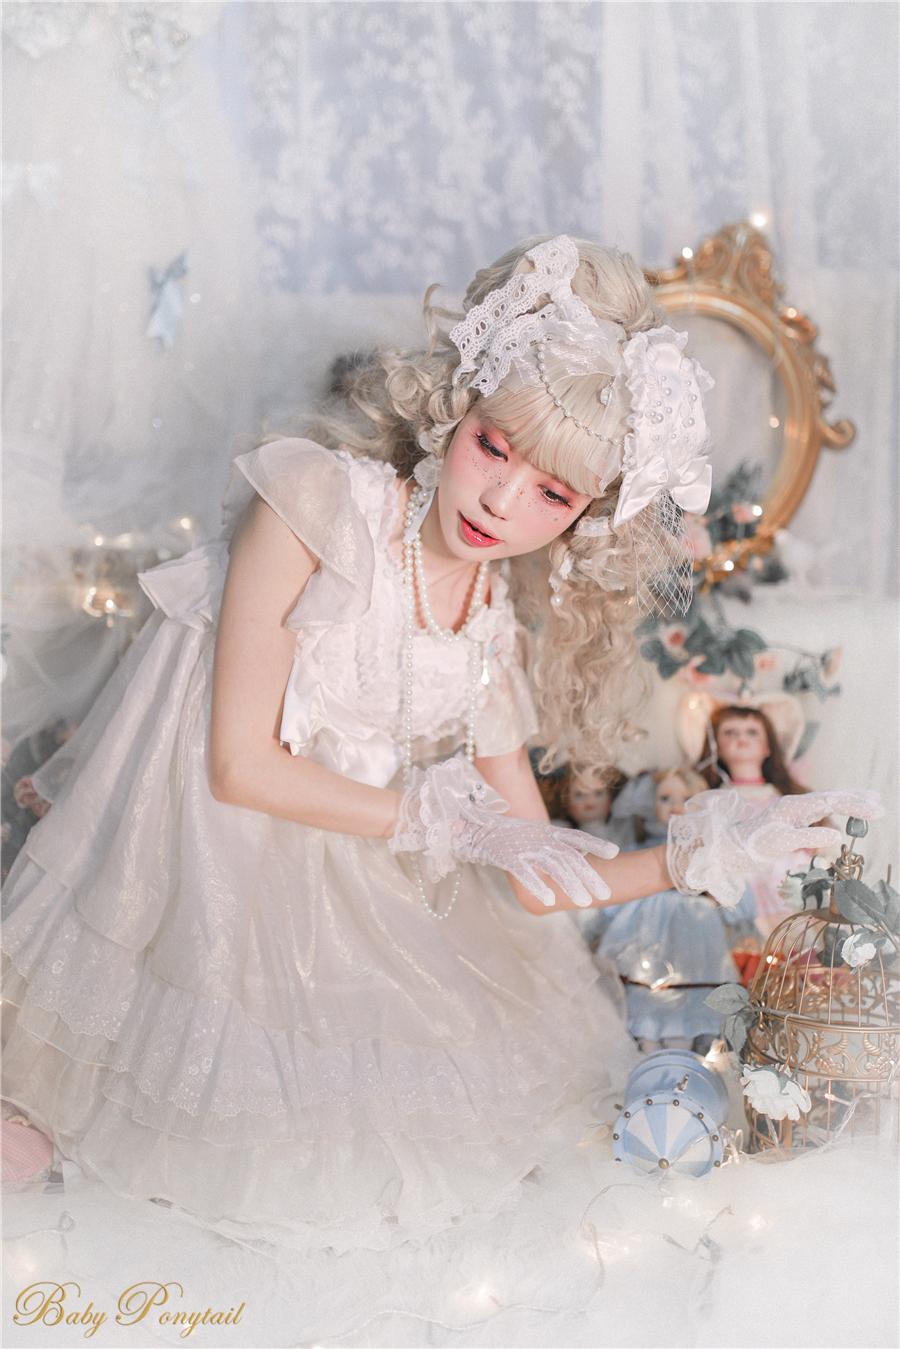 Babyponytail_Model Photo_Present Angel_JSK white_2_Kaka_12.jpg